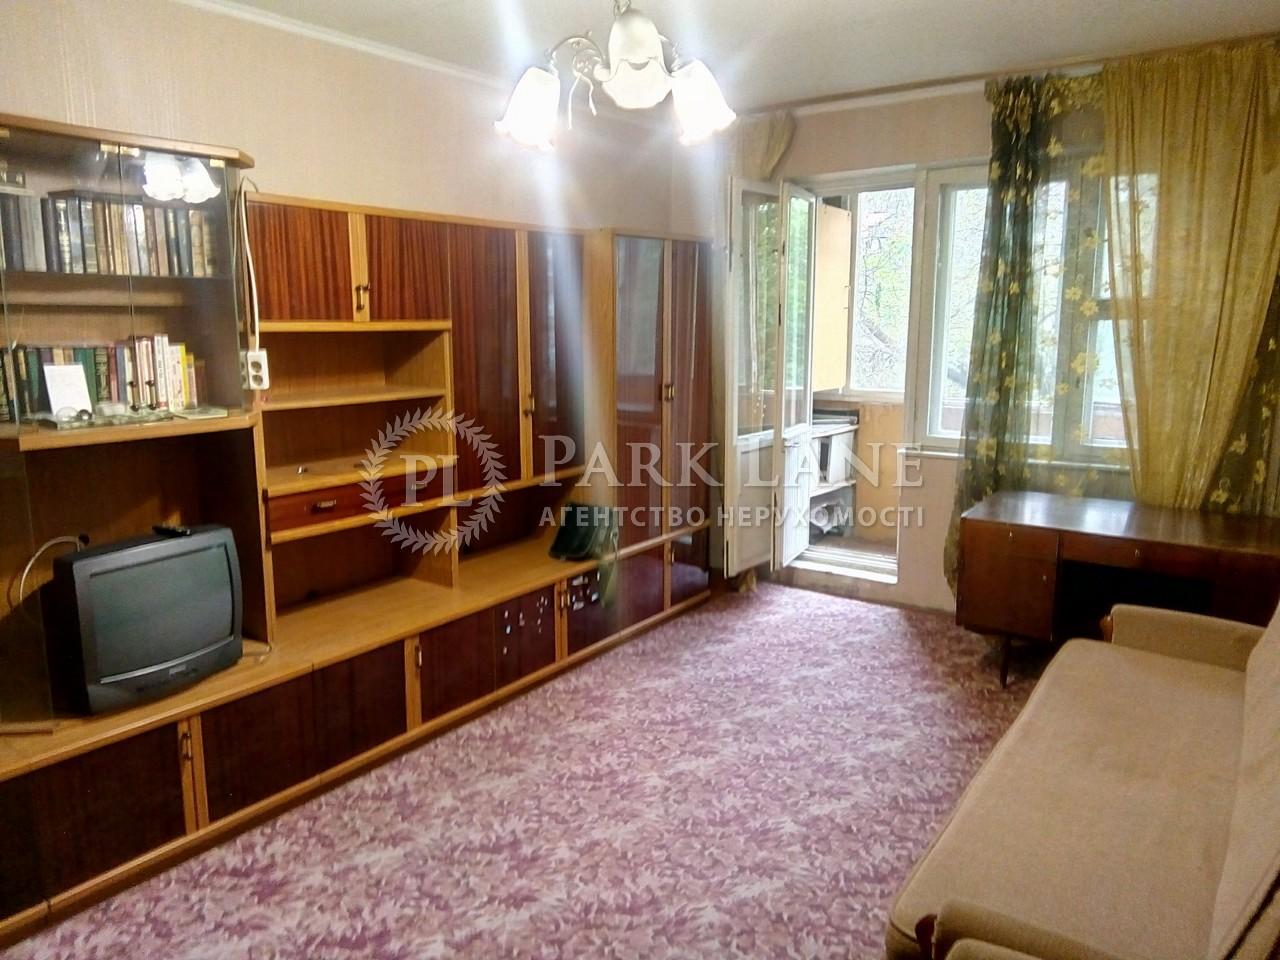 Квартира I-13092, Тростянецкая, 8, Киев - Фото 4